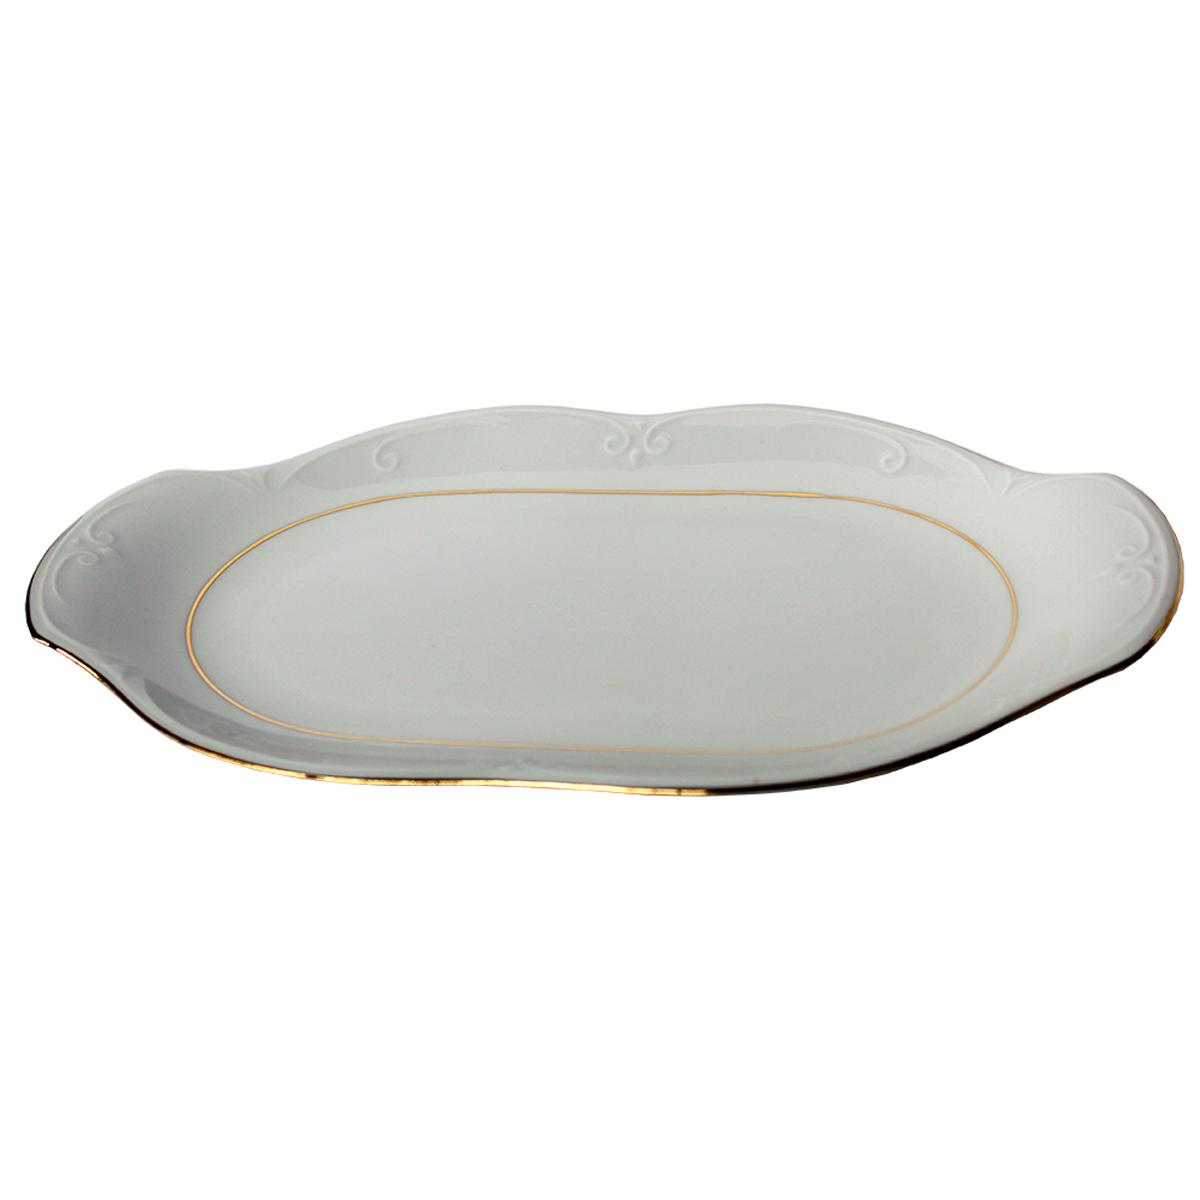 Блюдо Cmielow Kamelia, овальное, 33 см tanite victoir platineatine 1489 блюдо овальное 35 см цвет белый с платиной